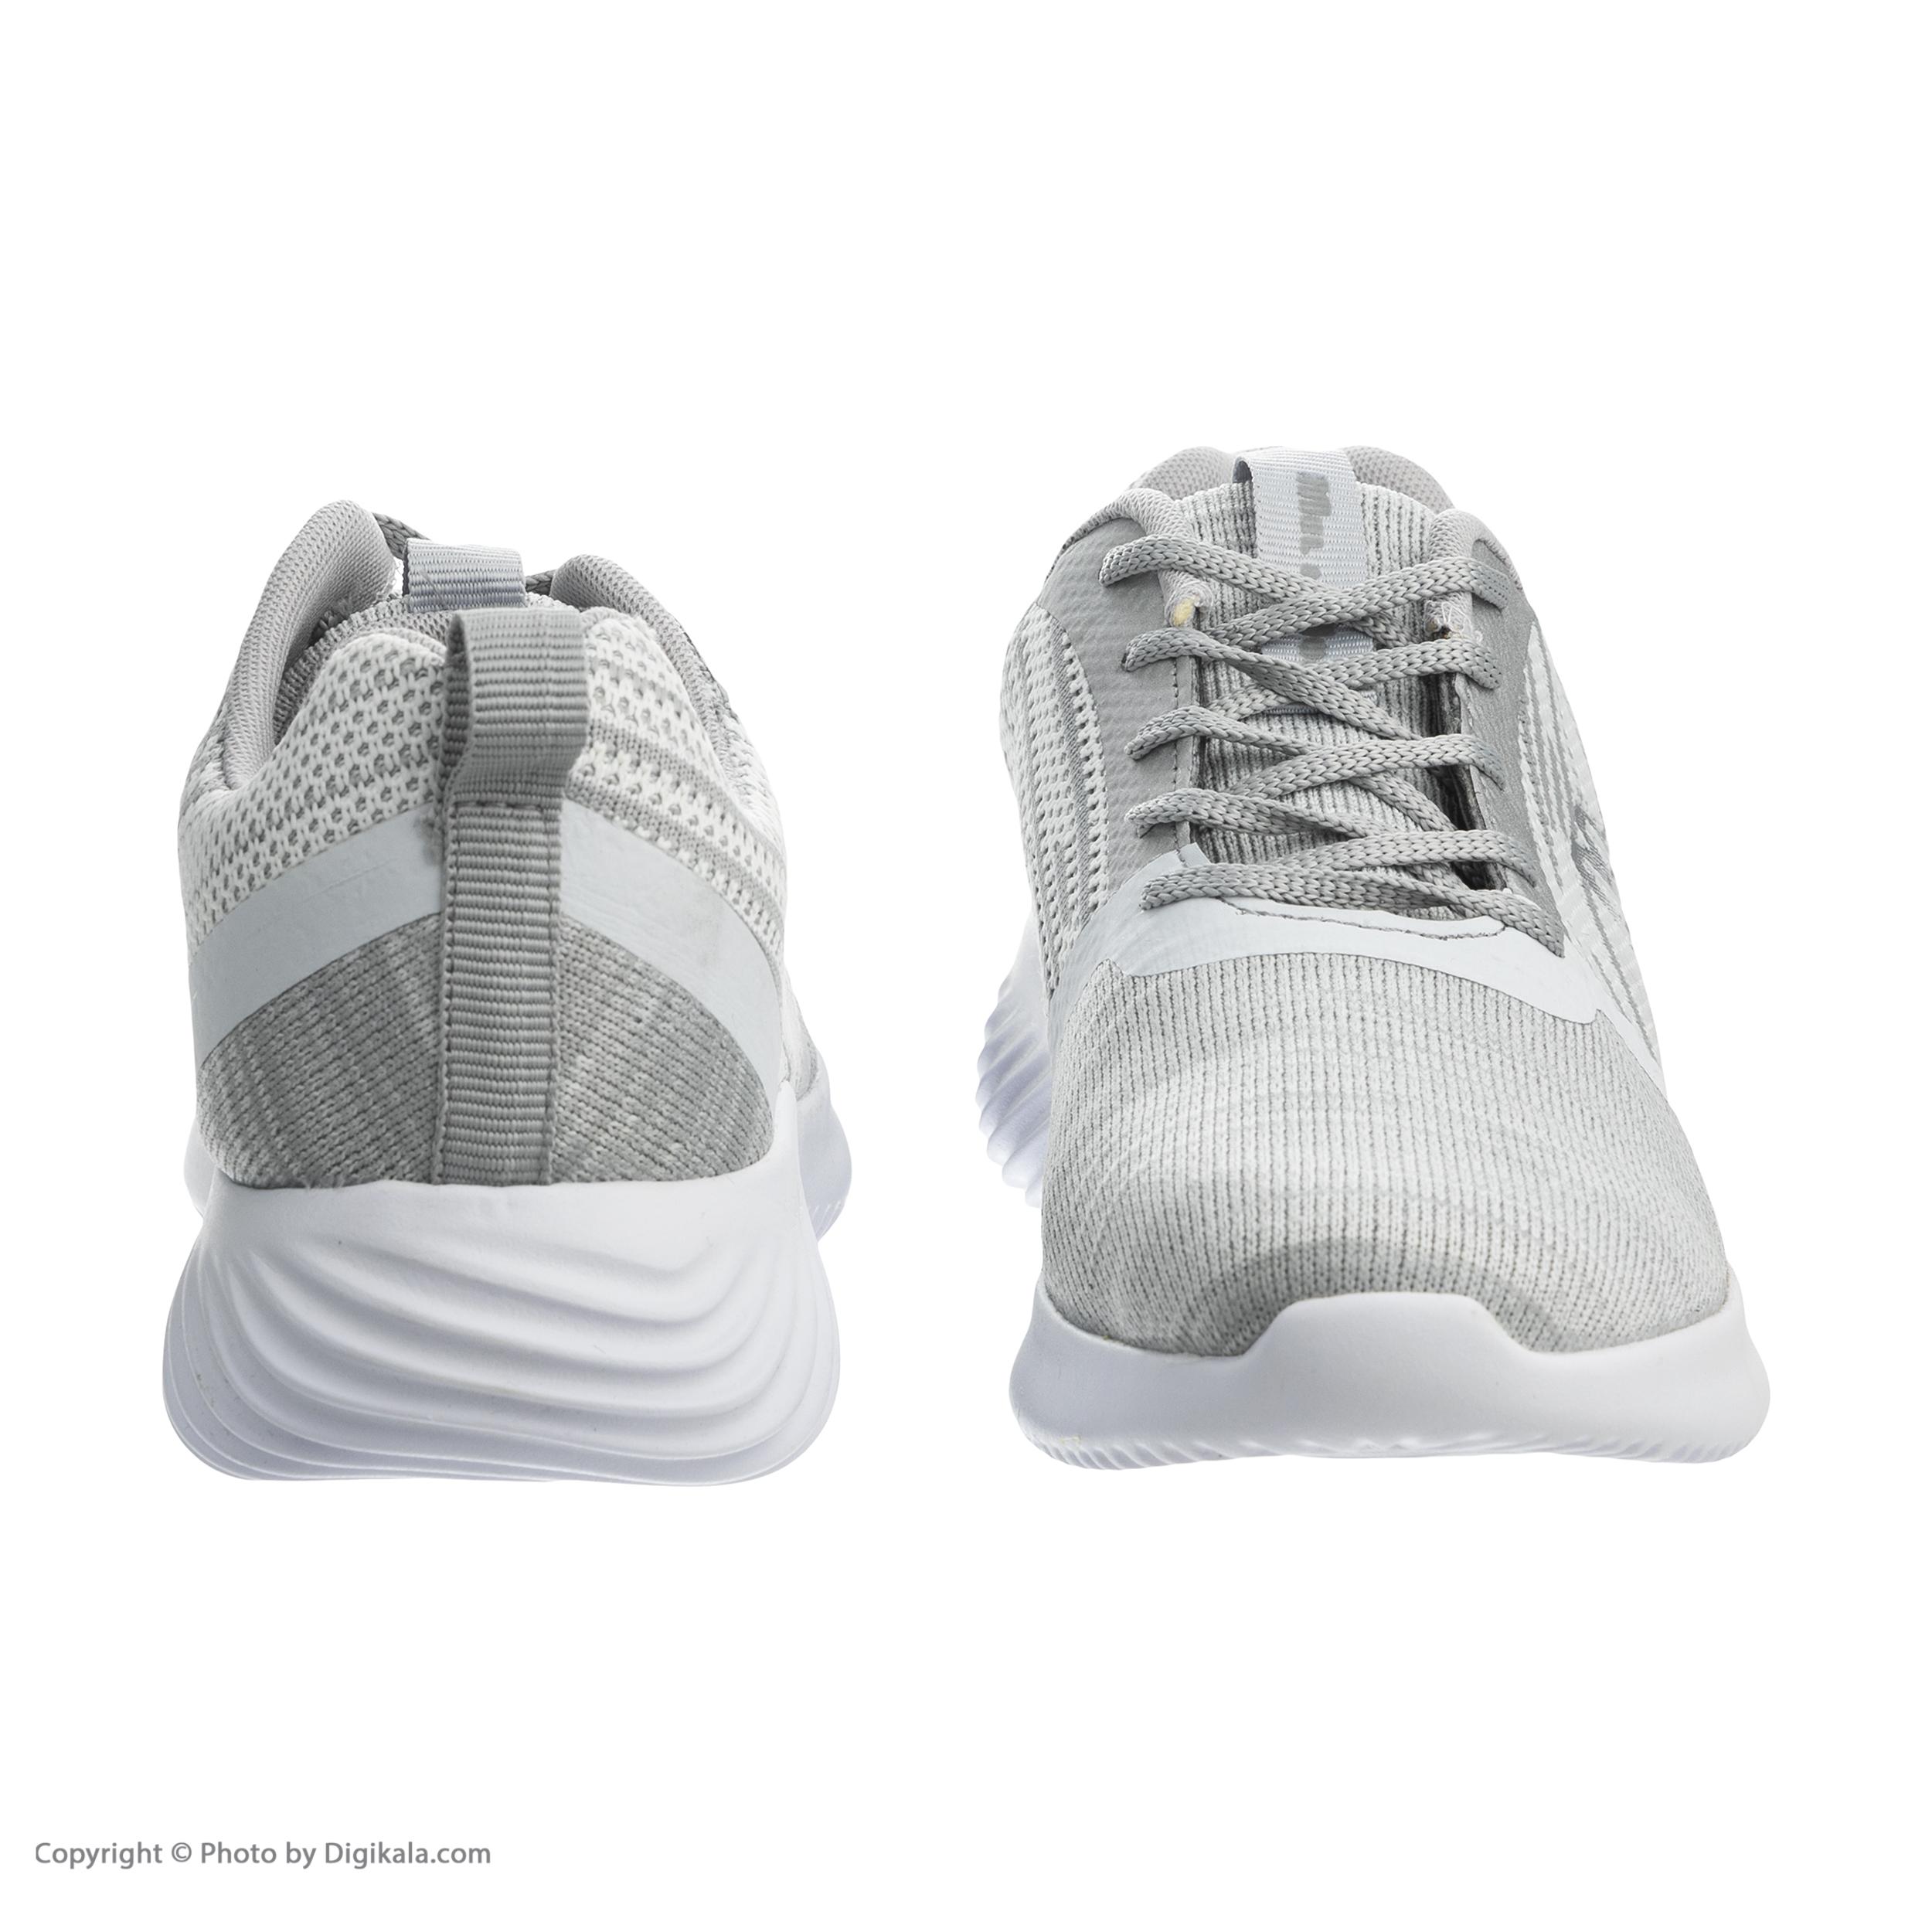 کفش مخصوص پیاده روی زنانه مل اند موژ کد W222-101-2